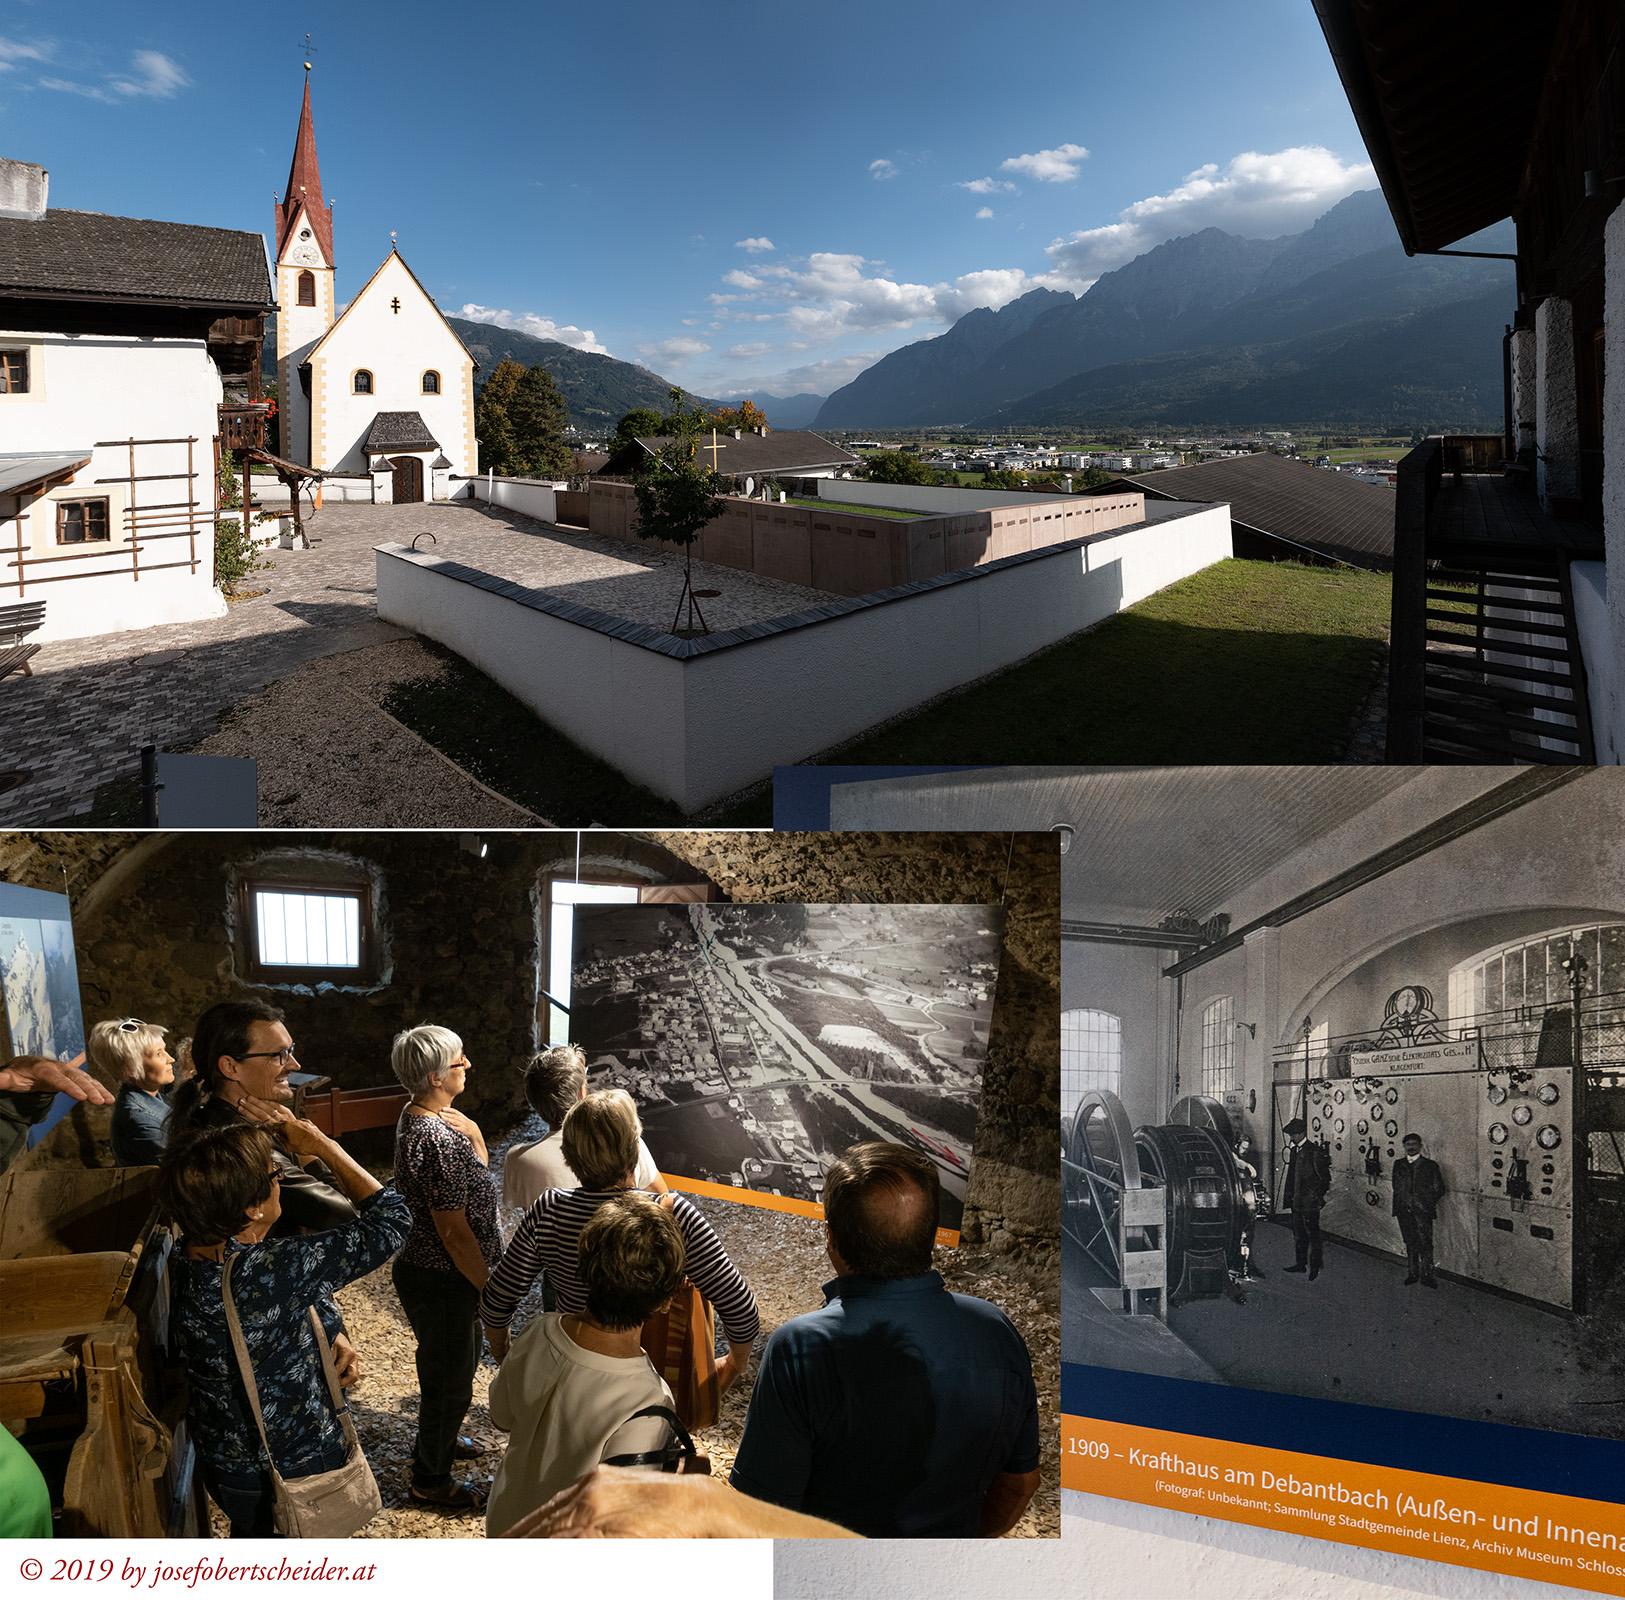 Ausstellung Nußdorf-Debant im Lichtbild, Kurator Dr. Martin